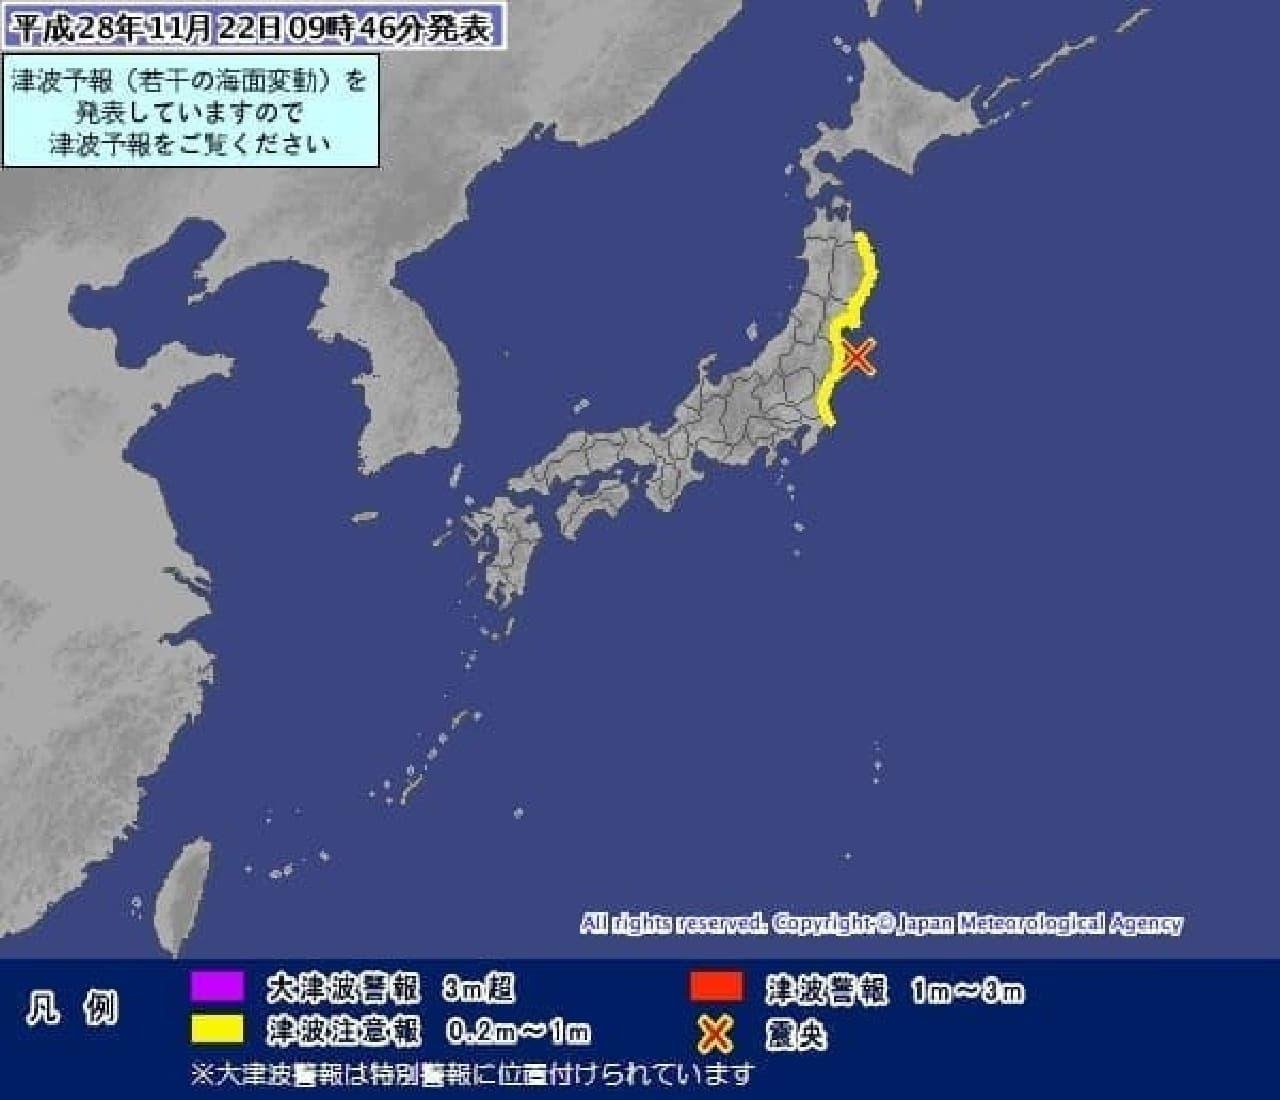 気象庁による津波注意報の範囲